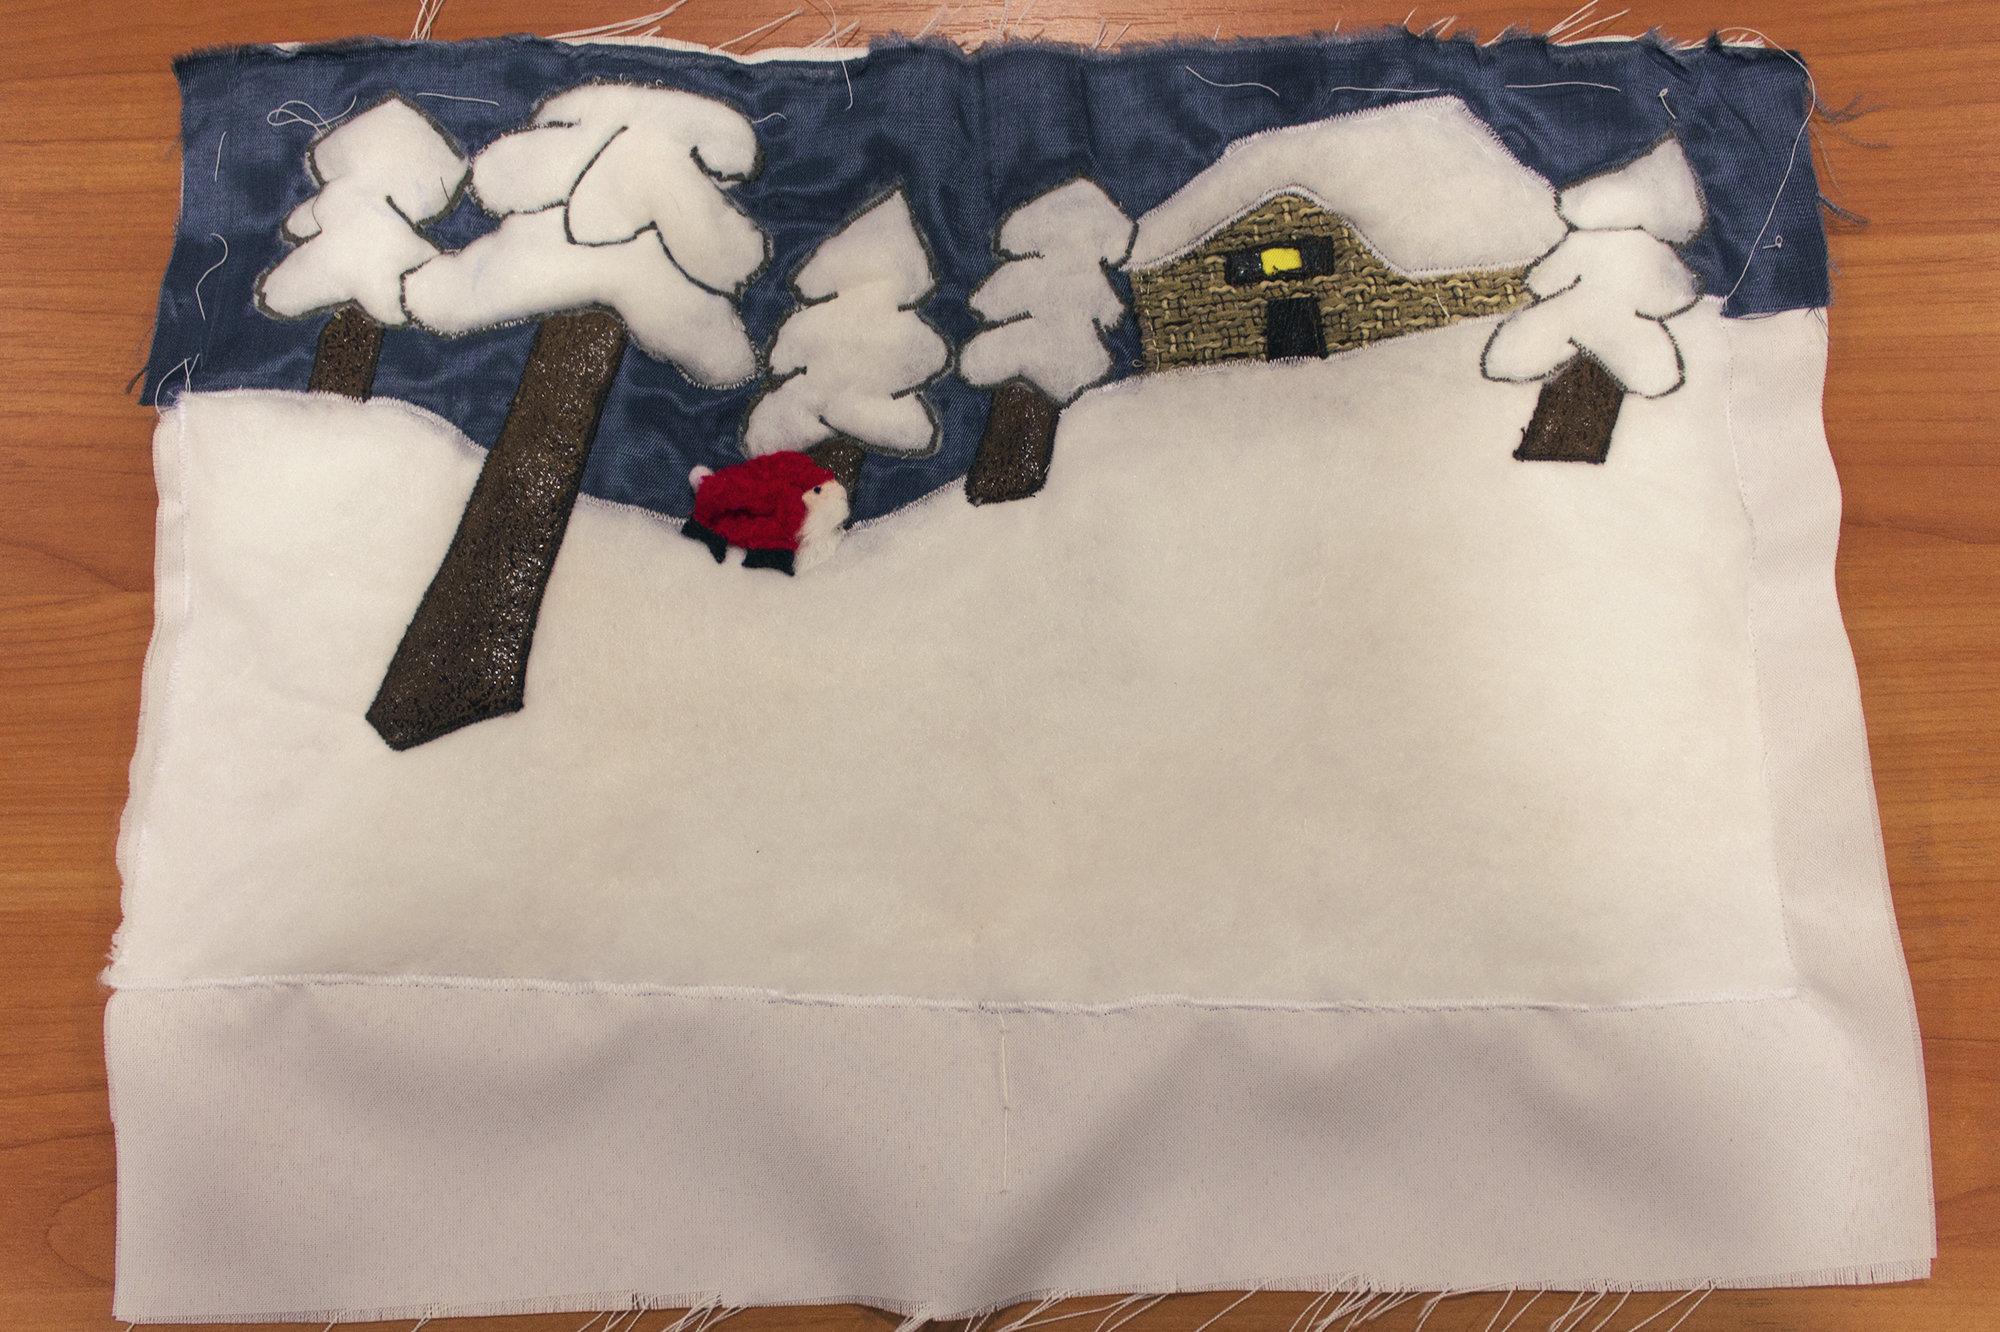 Страница будущей тактильной книжки Маленький Дед Мороз